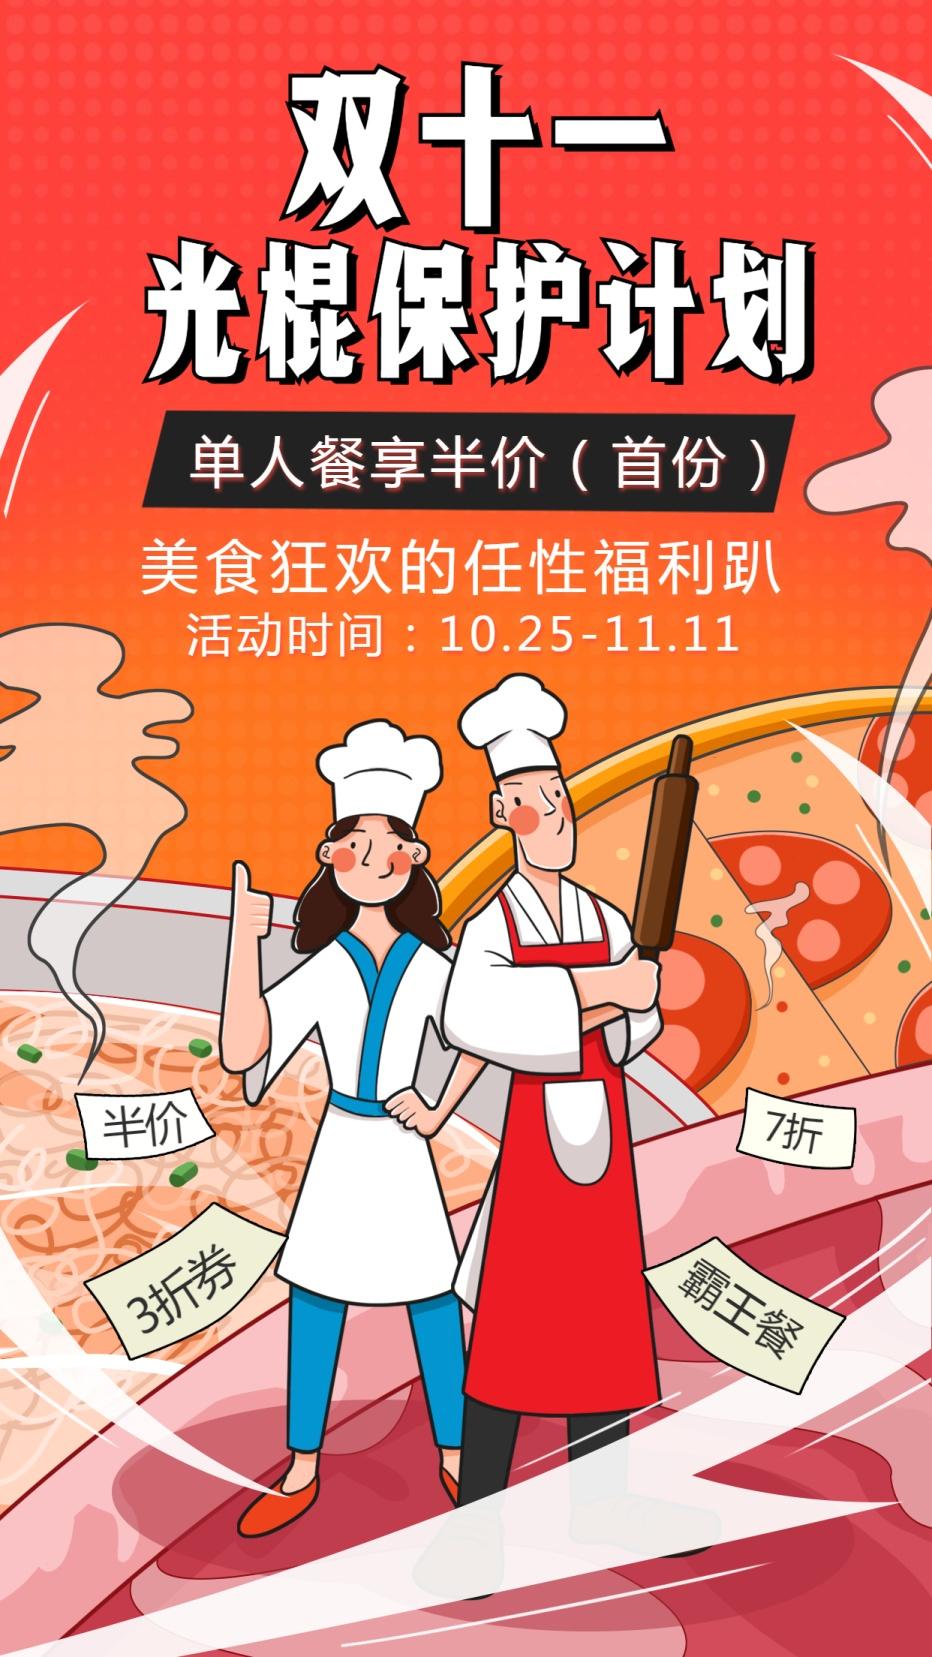 双十一光棍促销/餐饮美食/手绘创意/手机海报